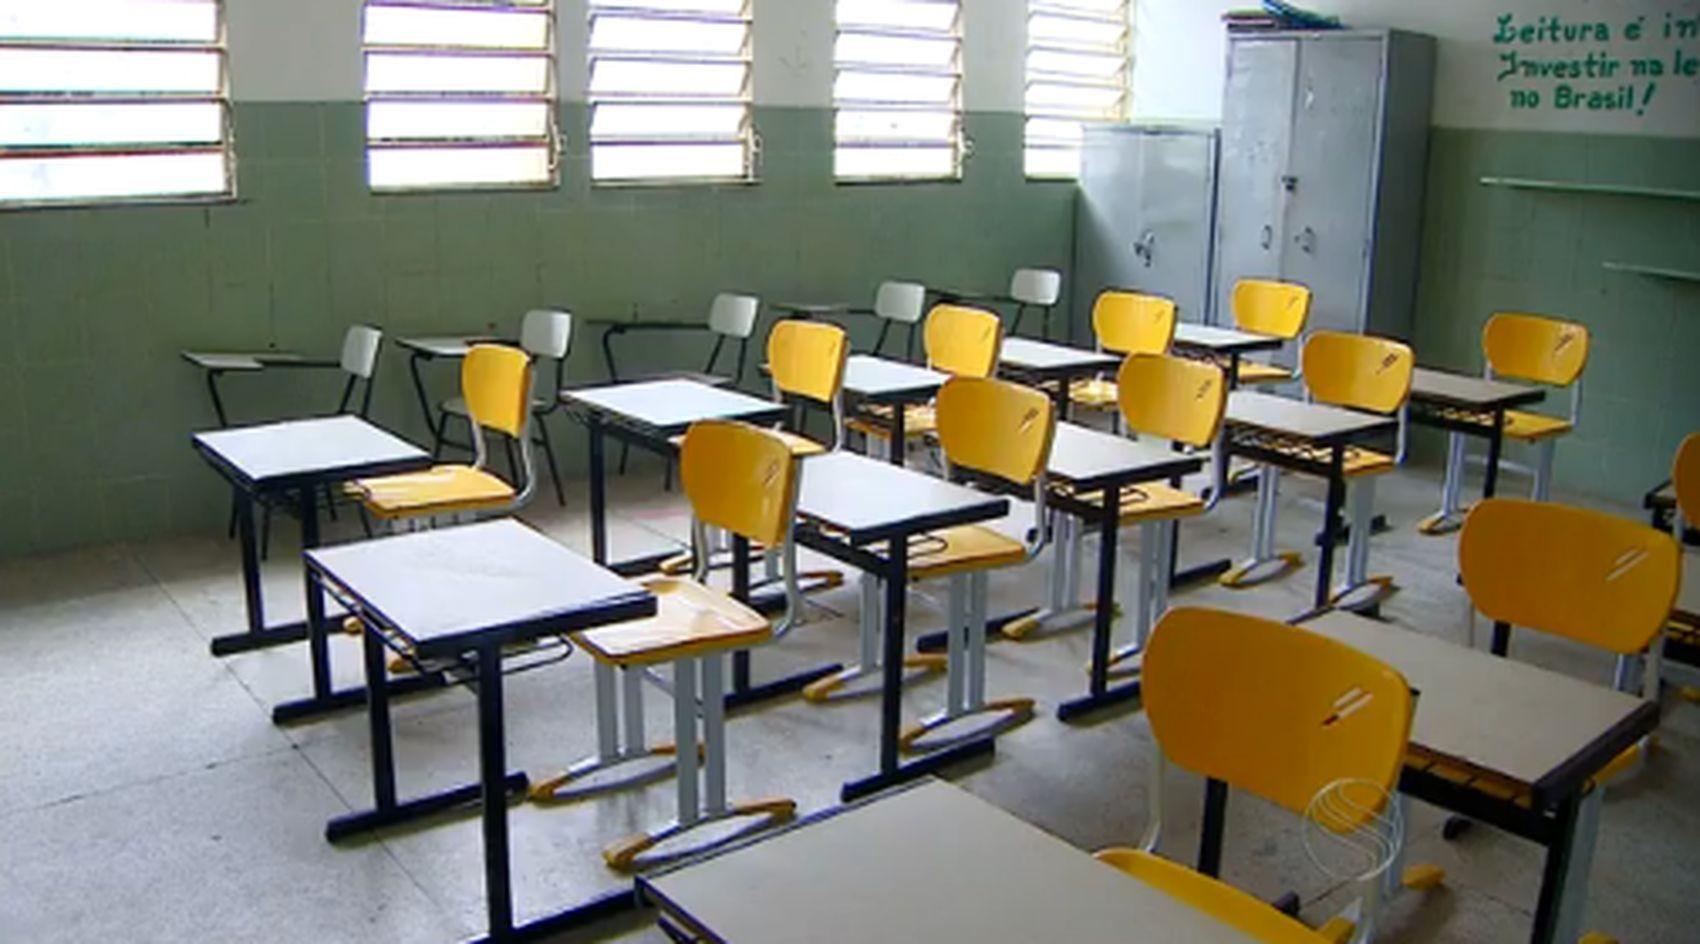 Candidatos à prefeitura de Aracaju dizem o que pretendem fazer para melhorar a educação no município